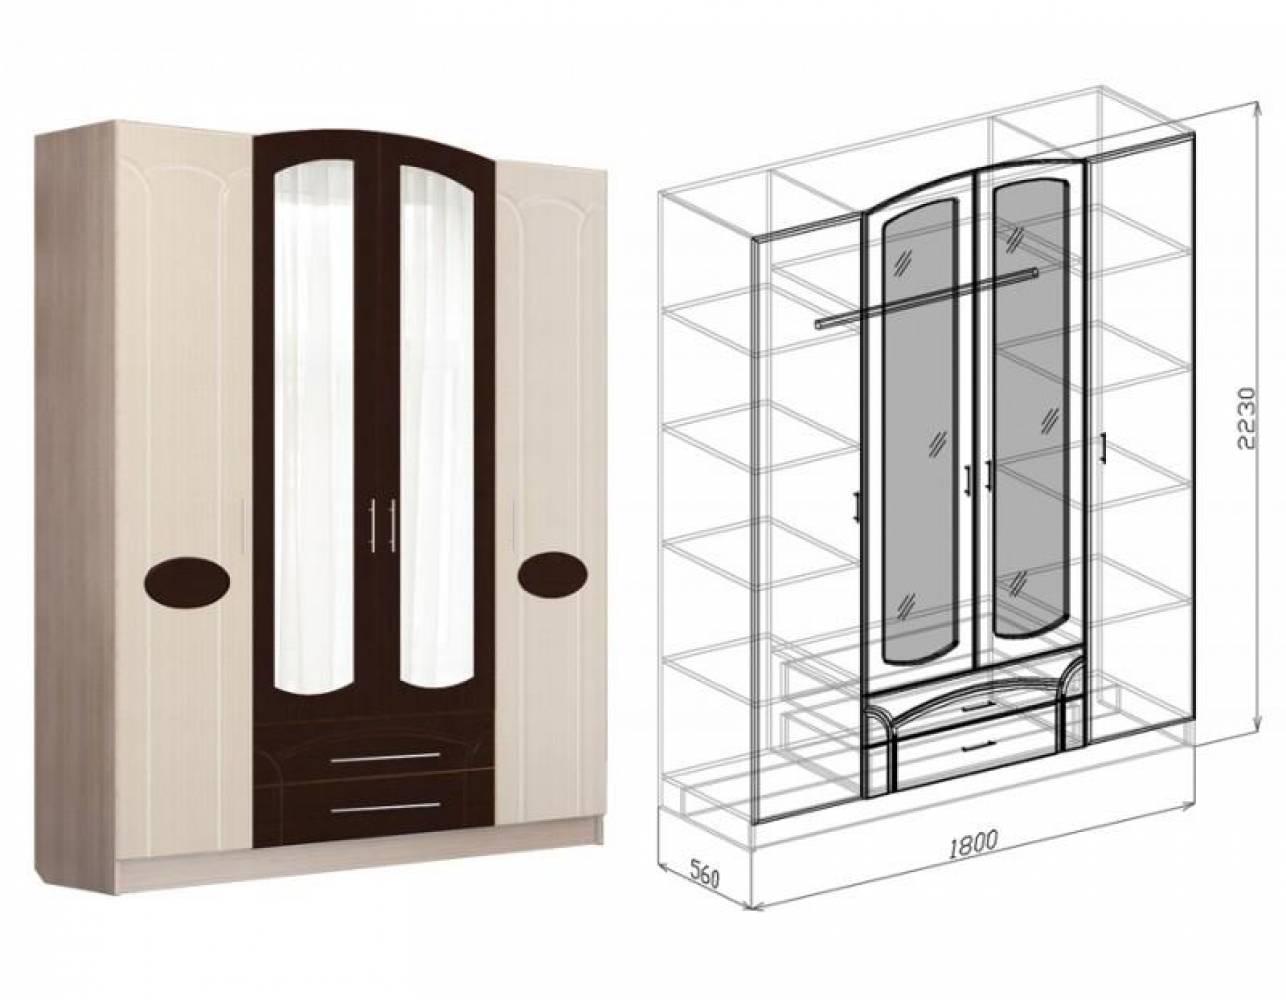 Шкаф 4-дверный МАРТА (дуб светлый)